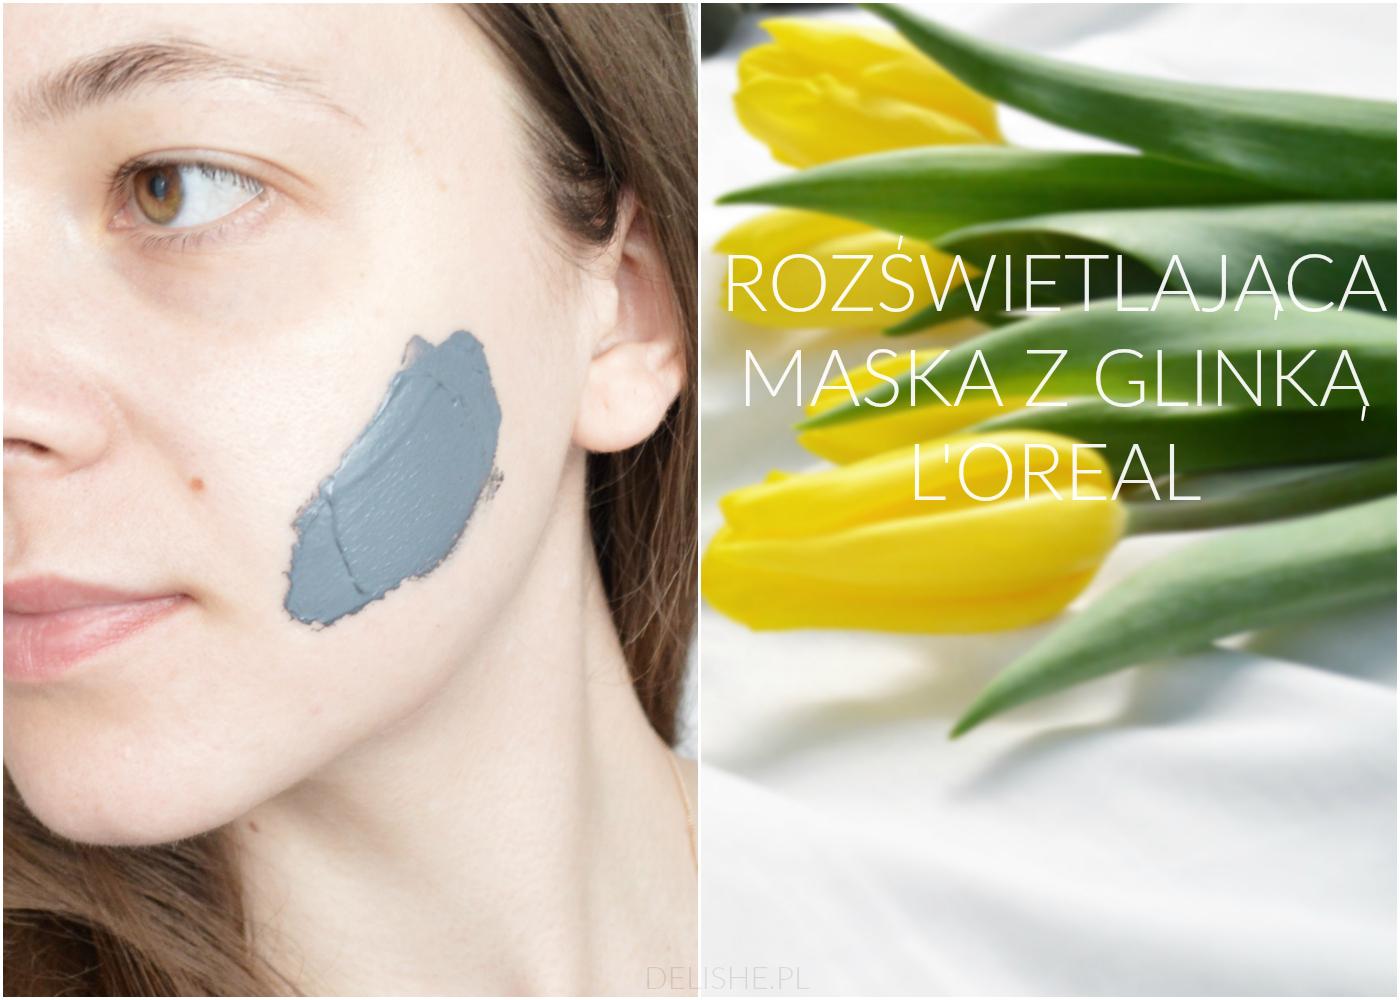 maska z glinką rozświetlająca L'Oreal blog